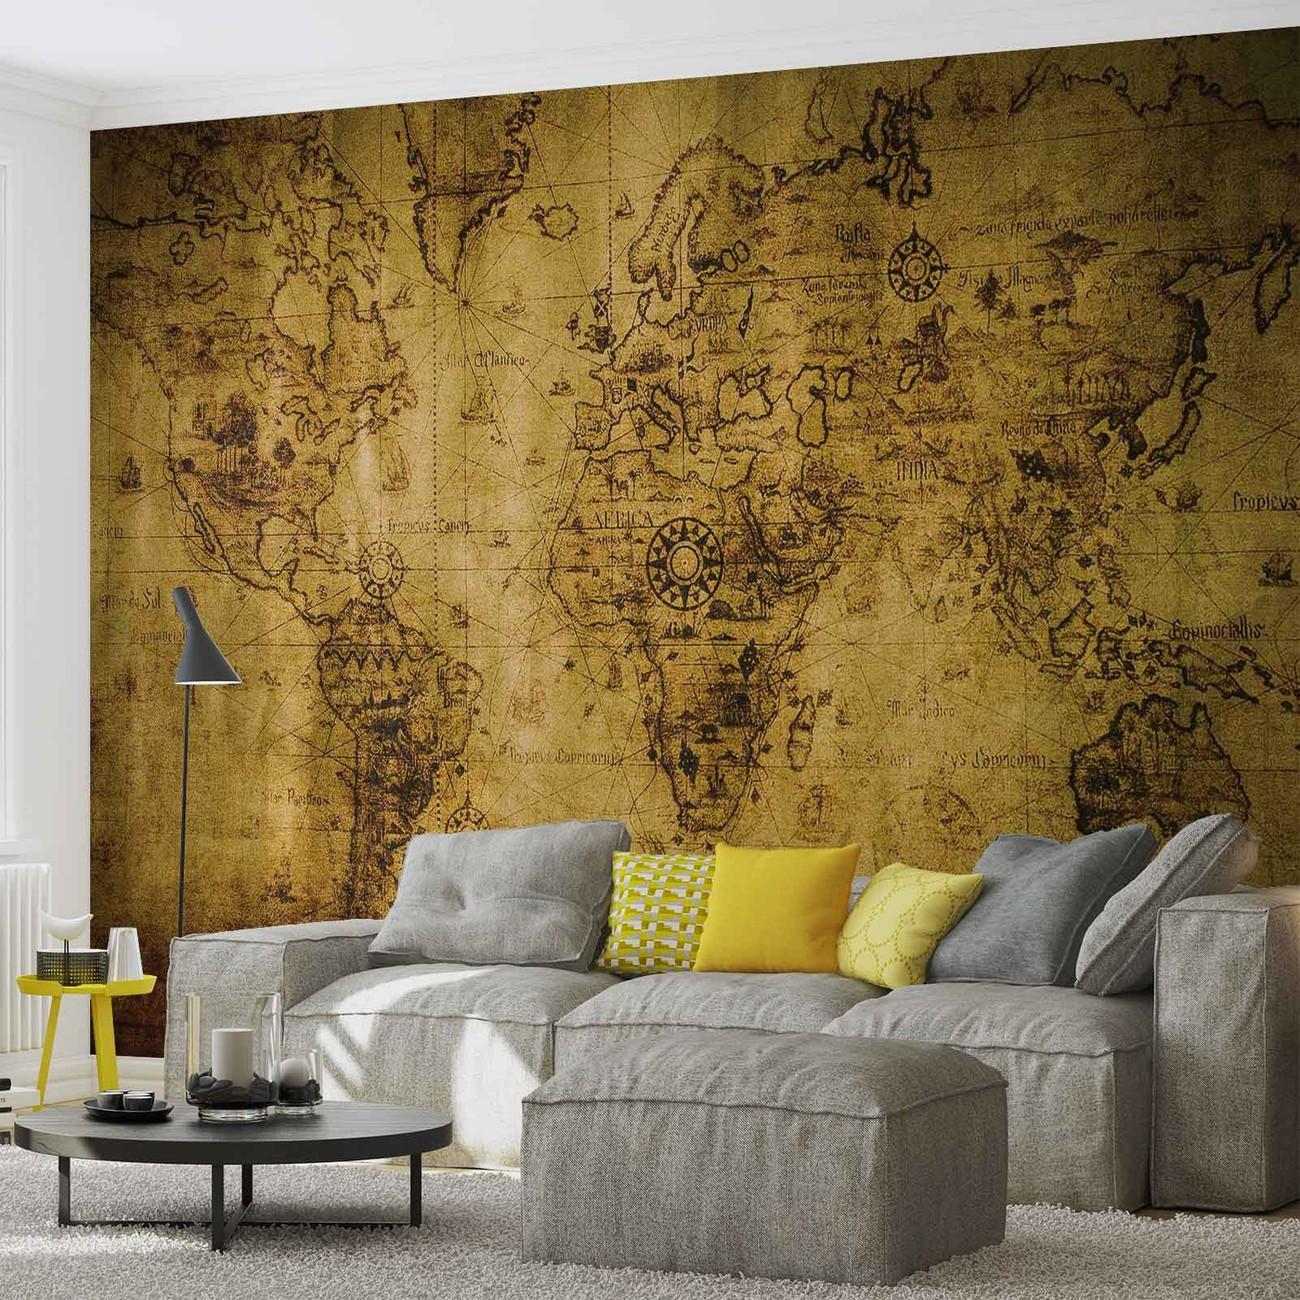 carte du monde s pia vintage poster mural papier peint acheter le sur. Black Bedroom Furniture Sets. Home Design Ideas